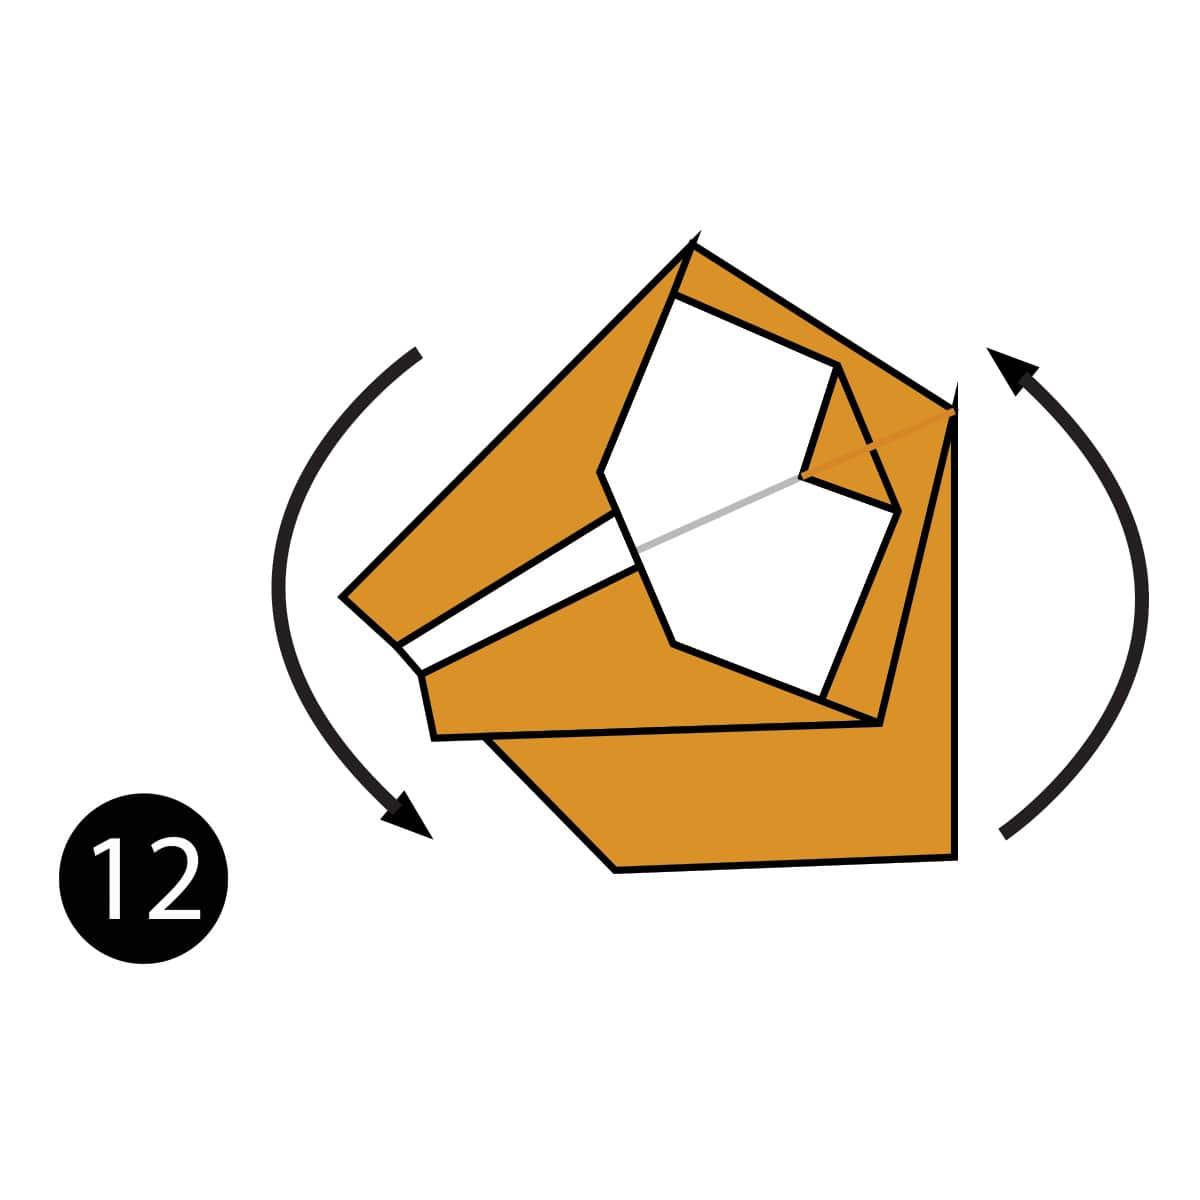 Gorilla Step 12